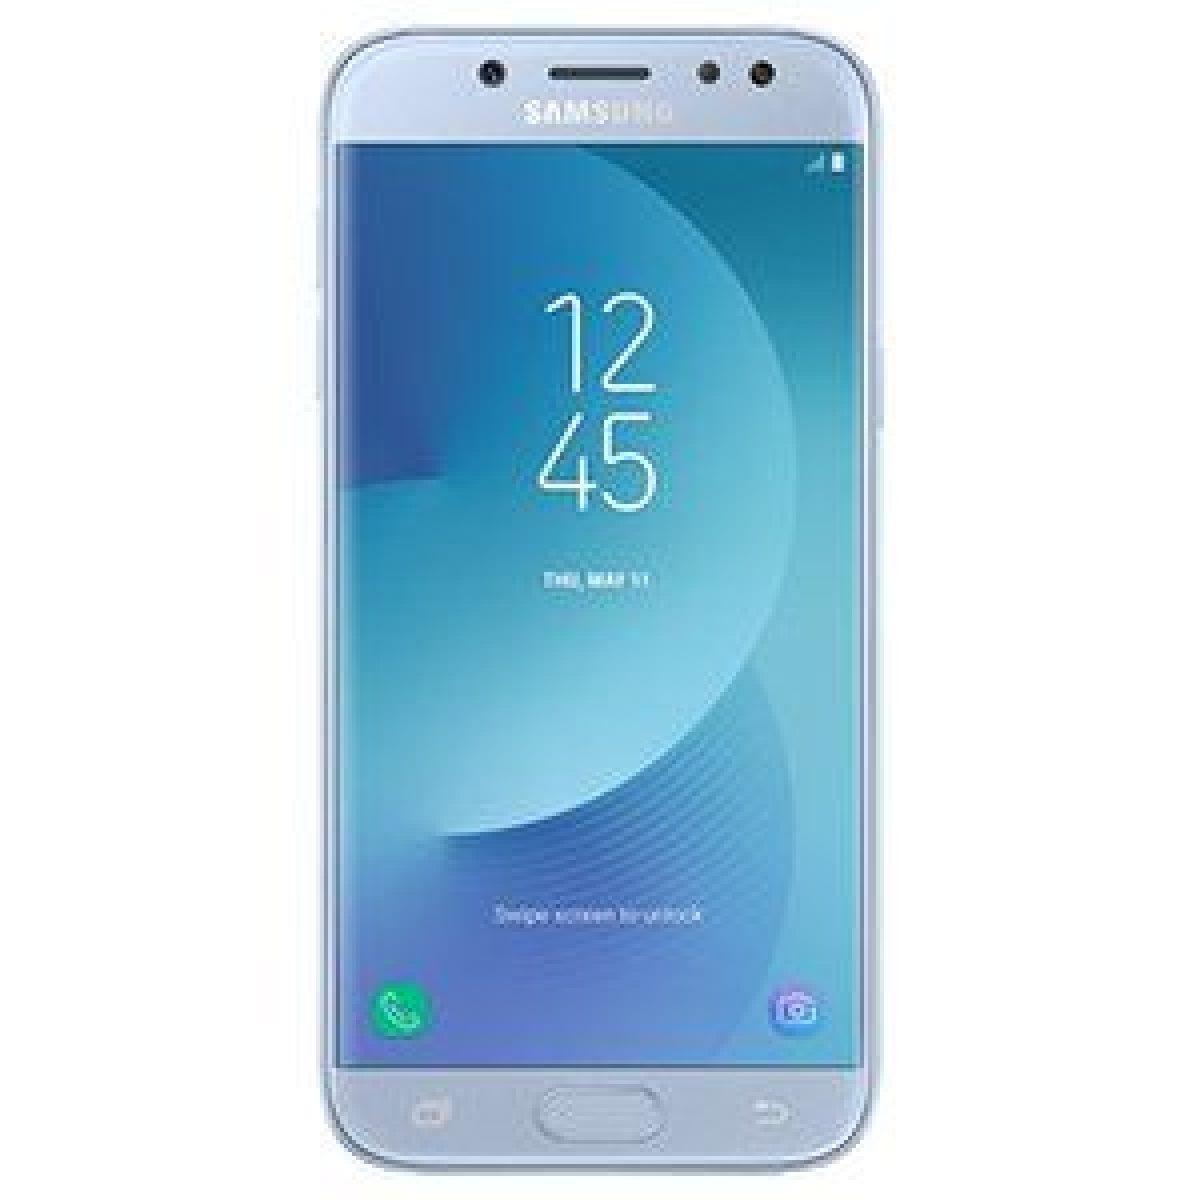 Samsung Galaxy J5 2017 Móvil Más Vendido 2017 En España Elfriki